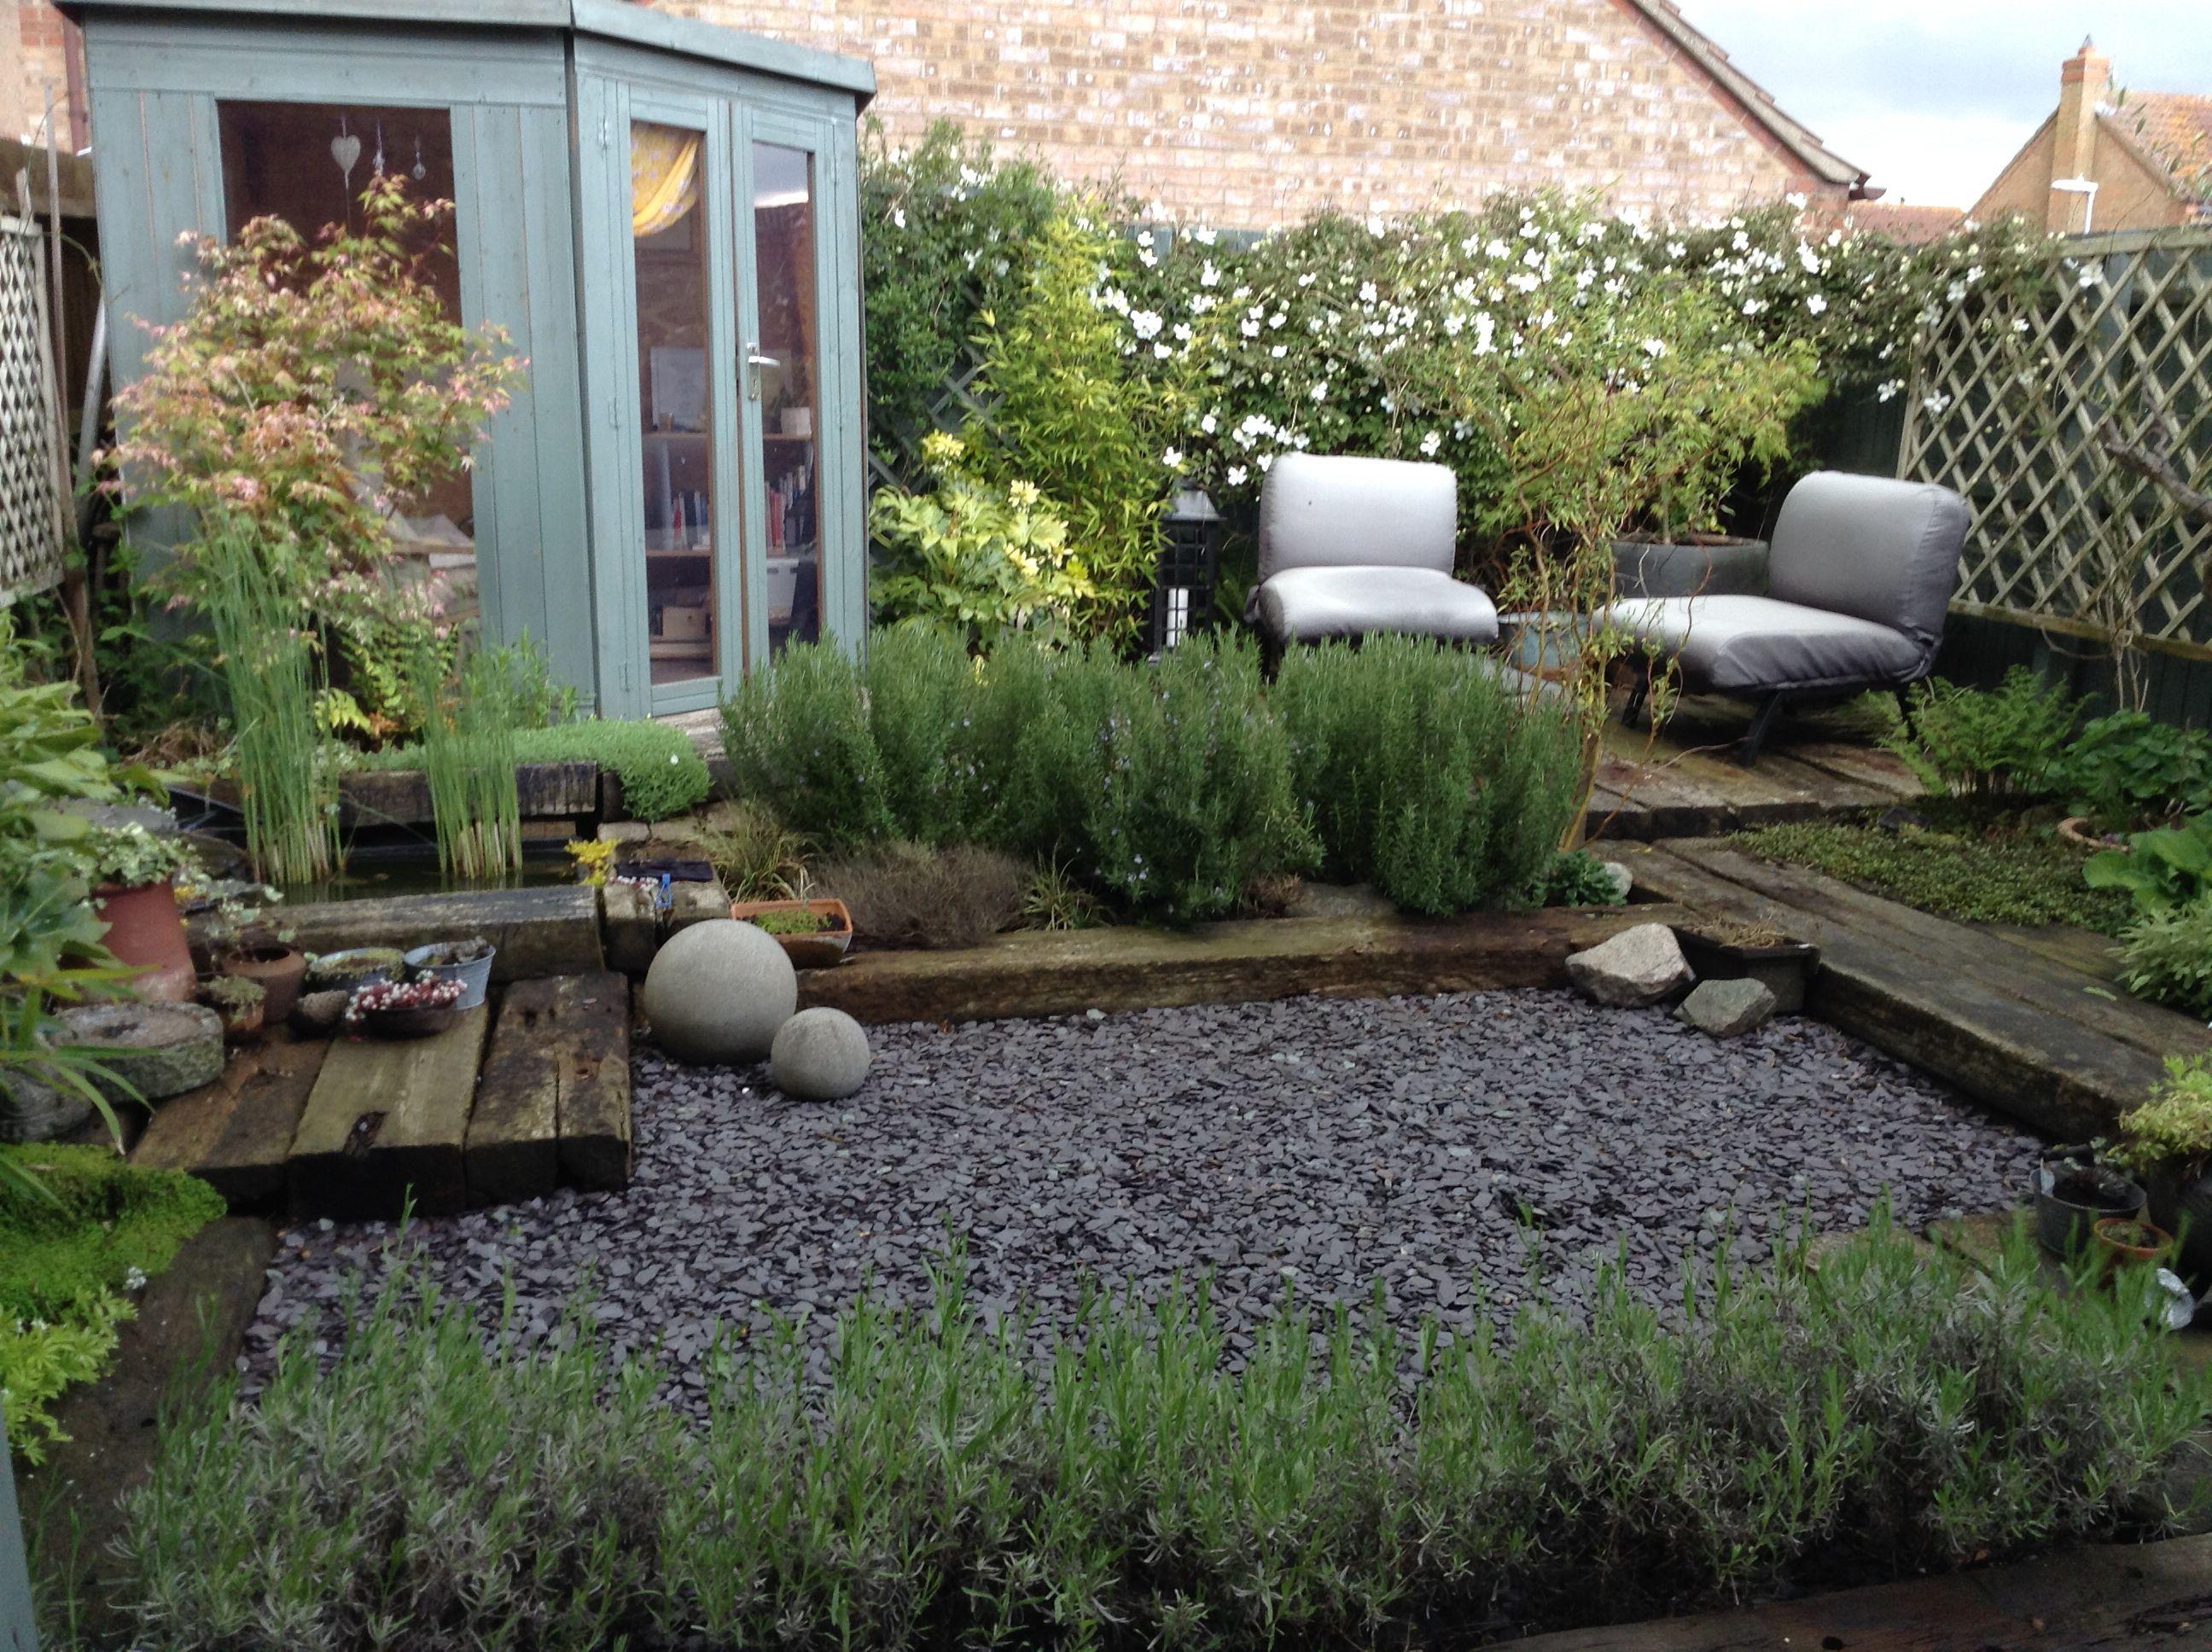 My garden, railway sleepers, slate and planting | Garden ...